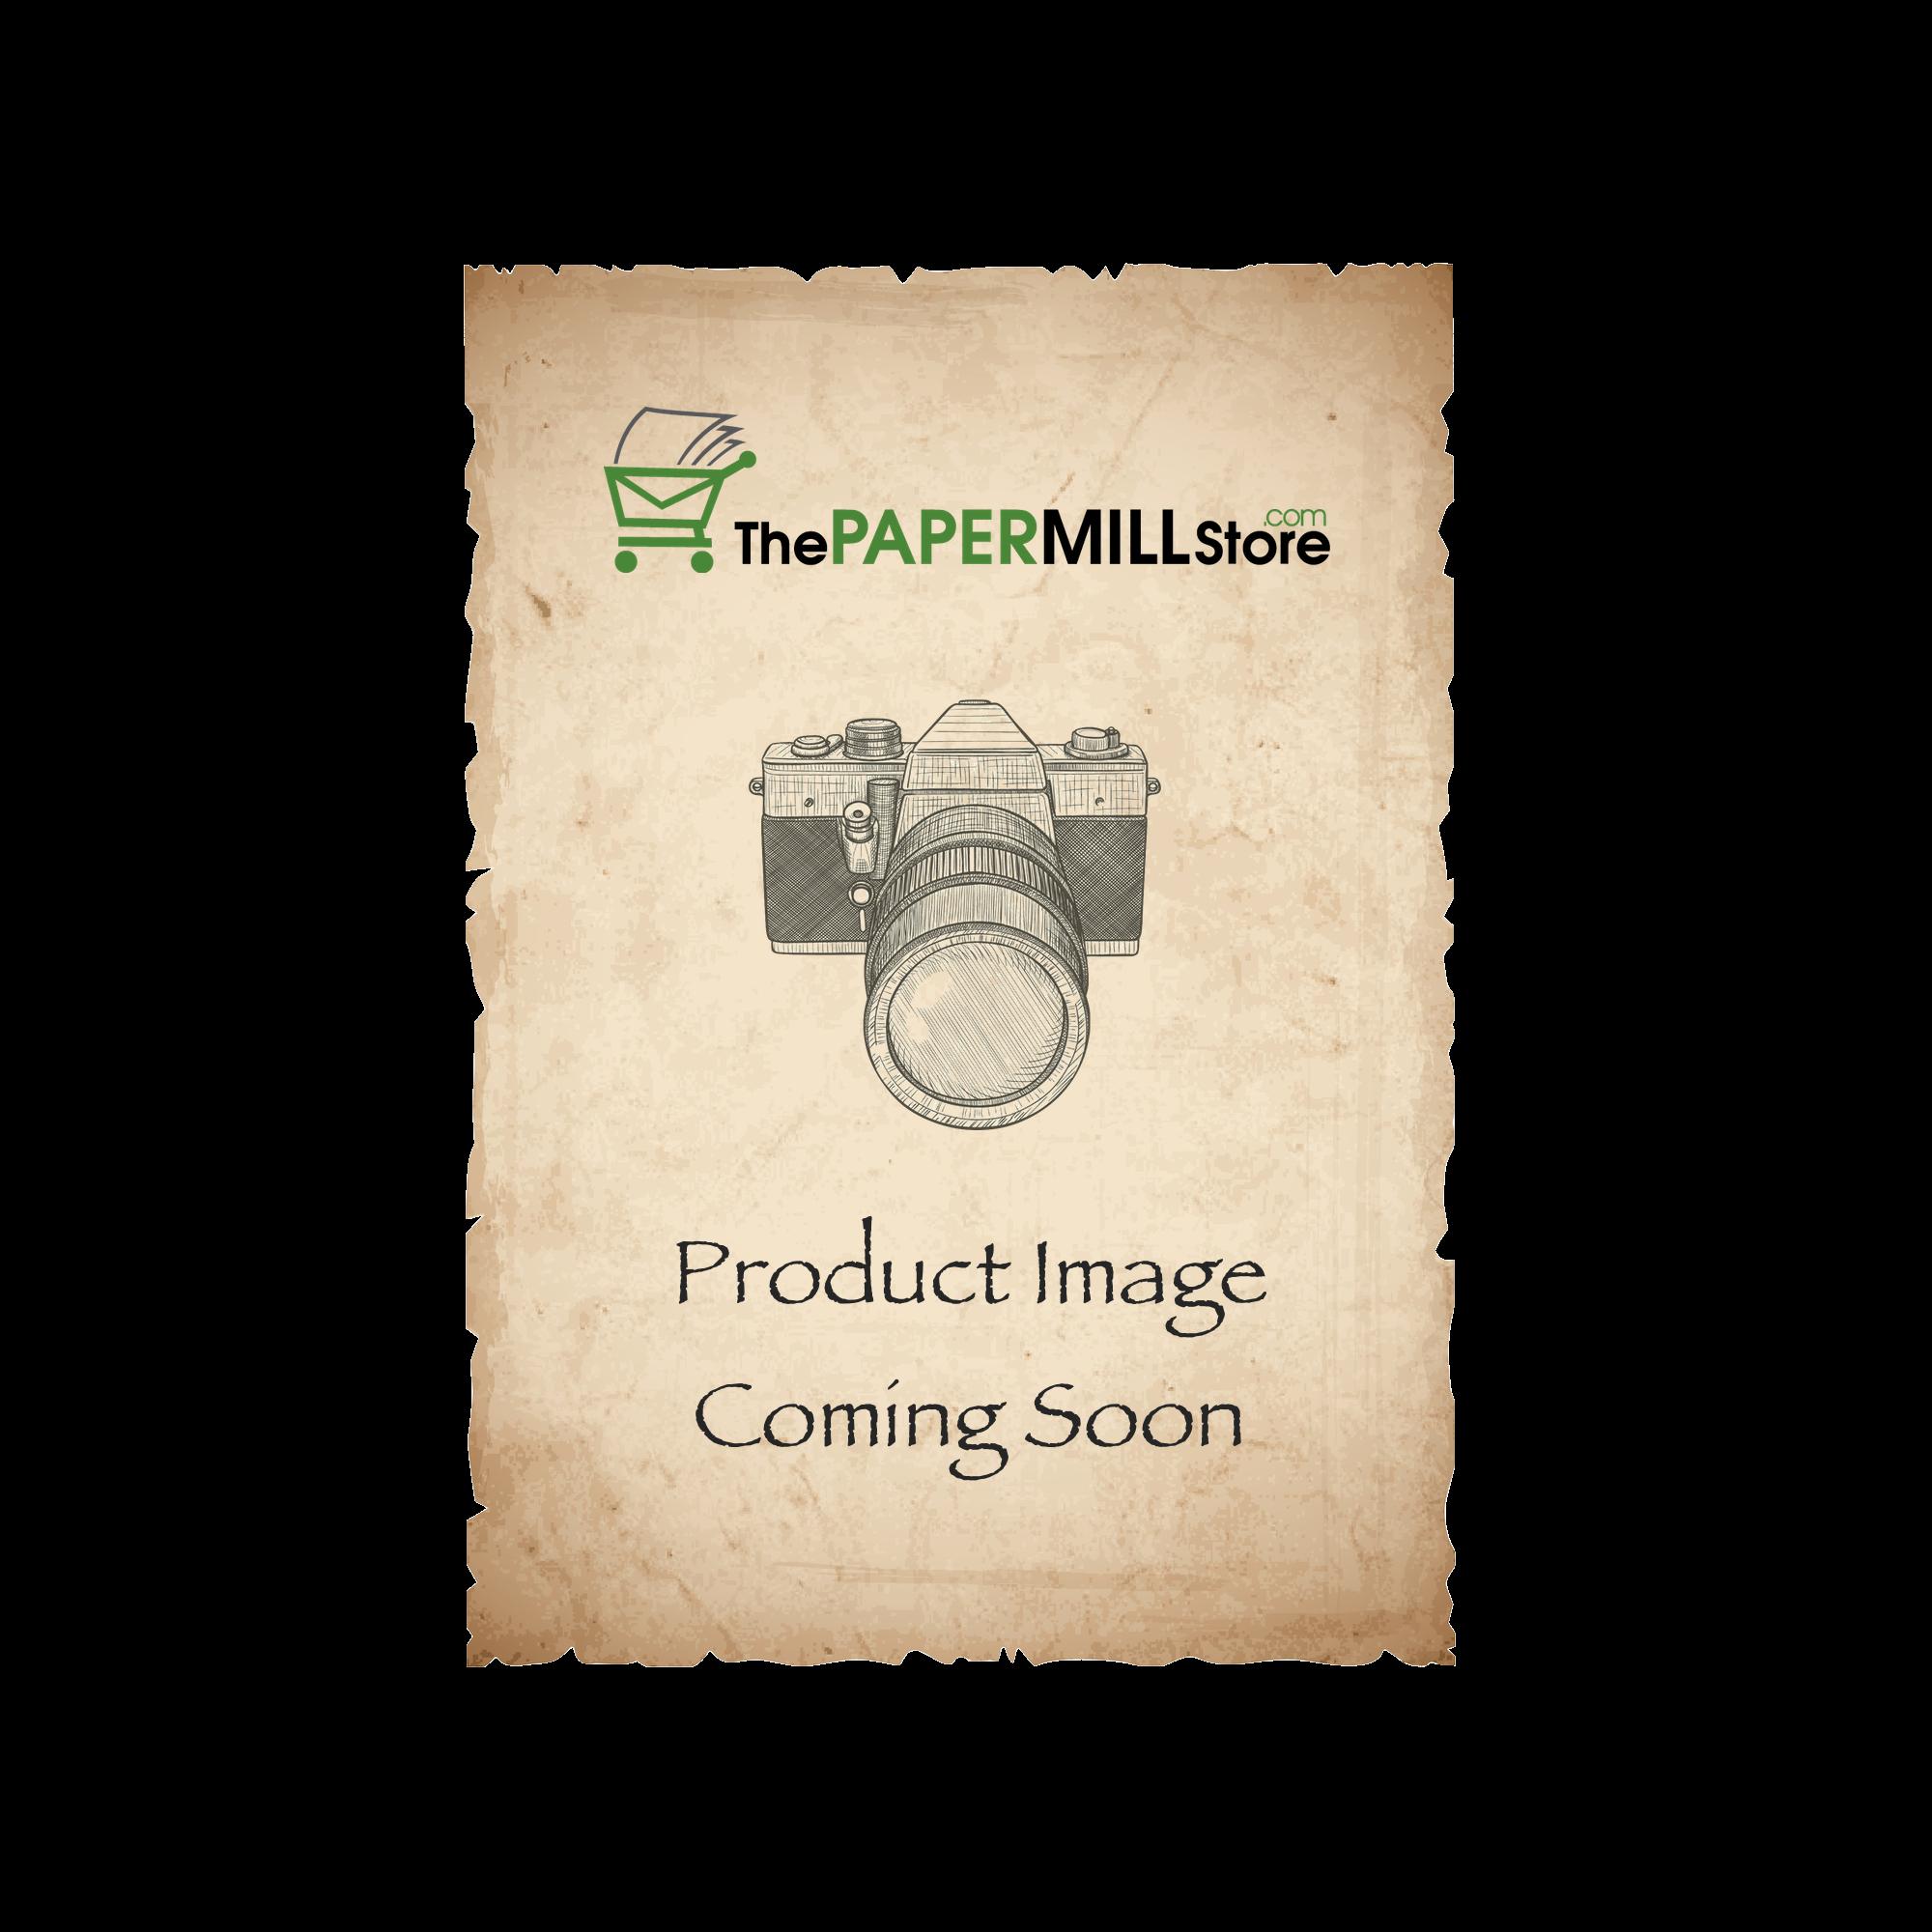 Ultrafelt Dove Gray Paper - 26 x 40 in 80 lb Text Premium Felt  30% Recycled 750 per Carton